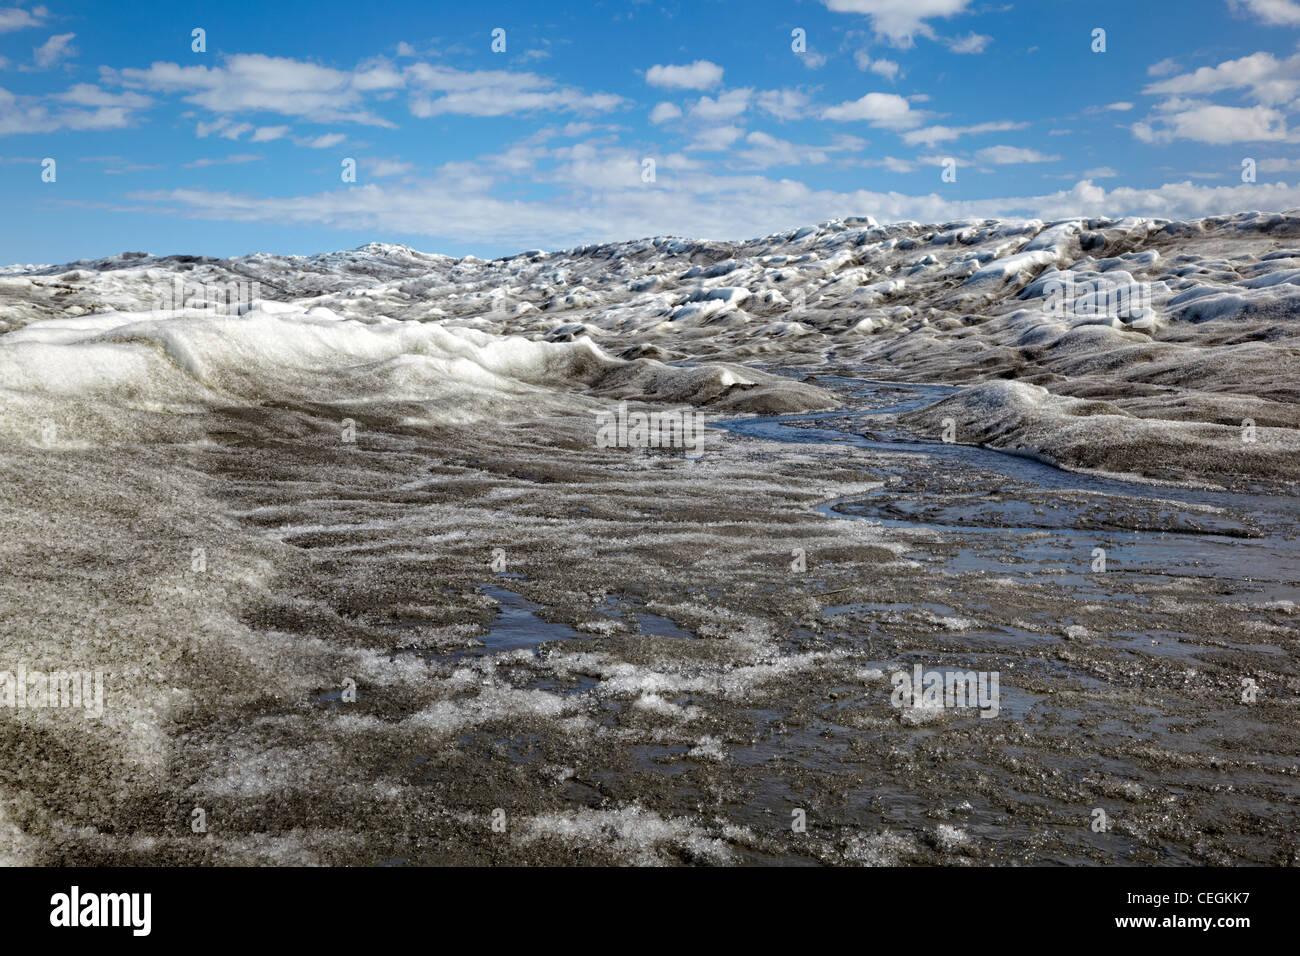 Abschmelzen der Eiskappe, Grönland Stockbild